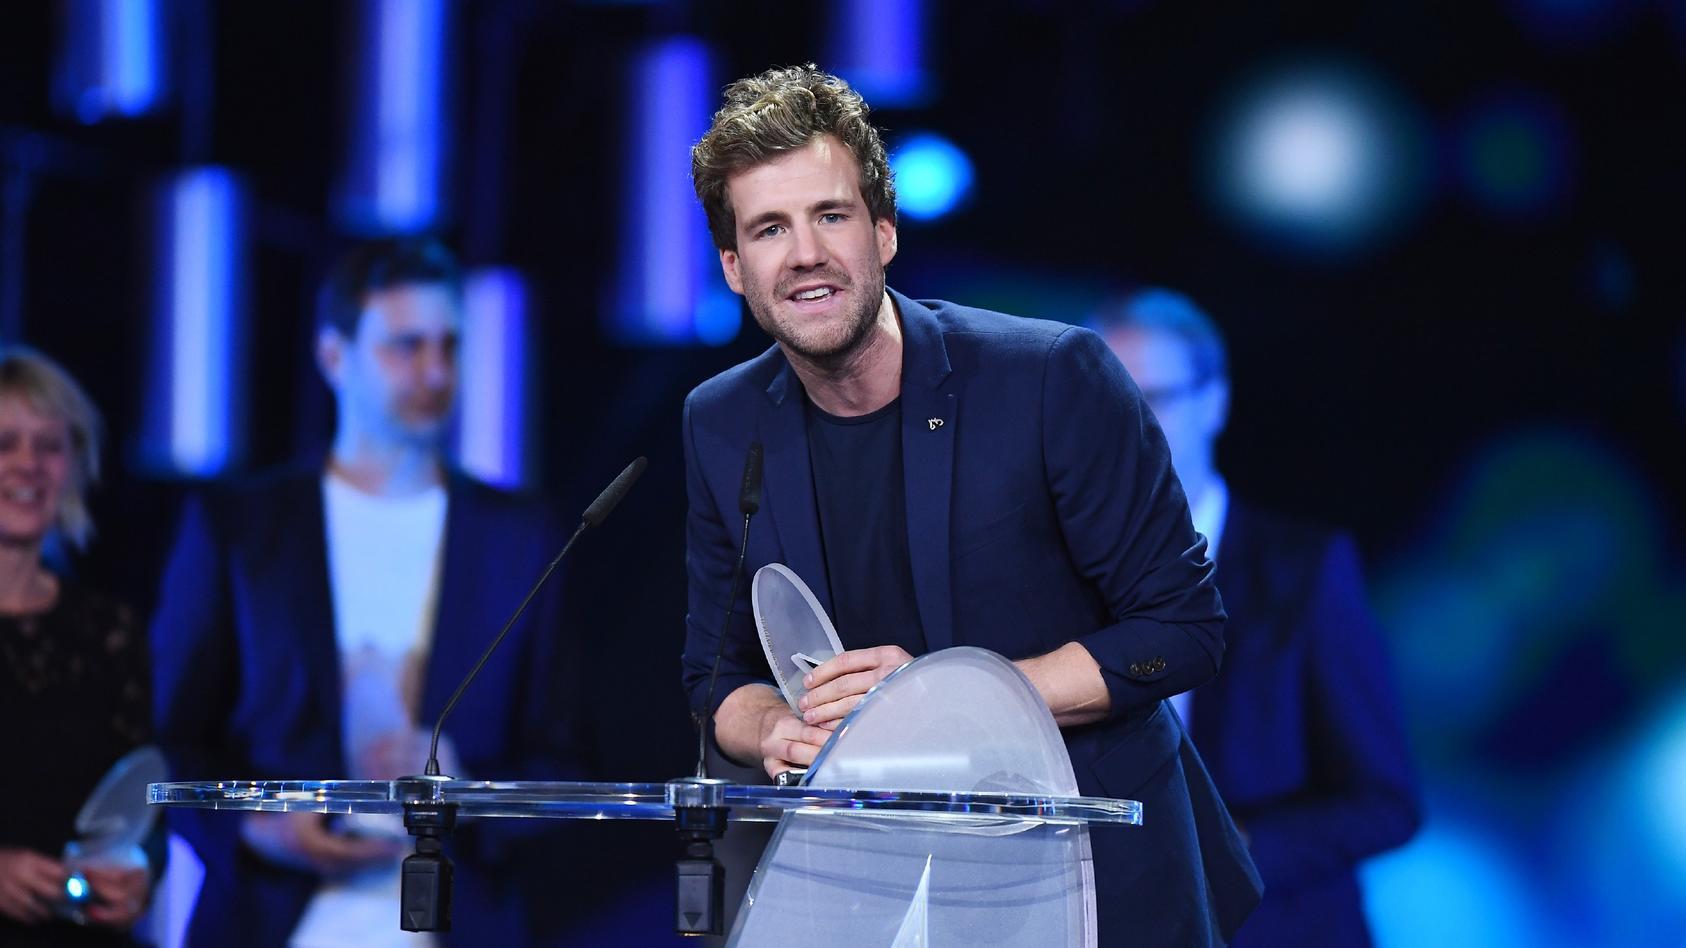 Comedypreis 2019: Alle Sieger - Luke Mockridge räumt doppelt ab